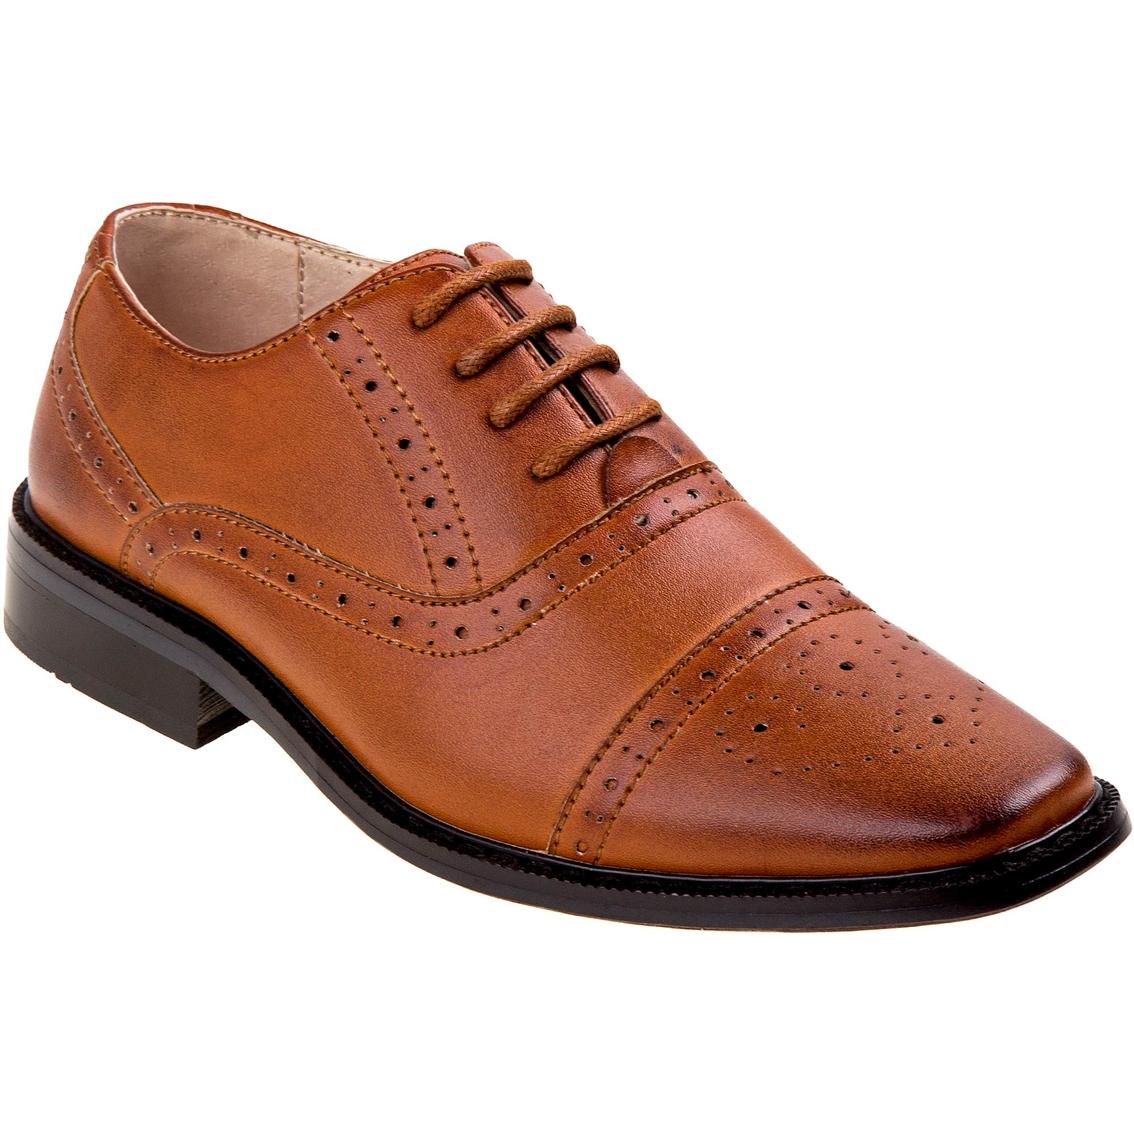 839c6be26107 Joseph Allen Boys Lace Up Dress Shoes